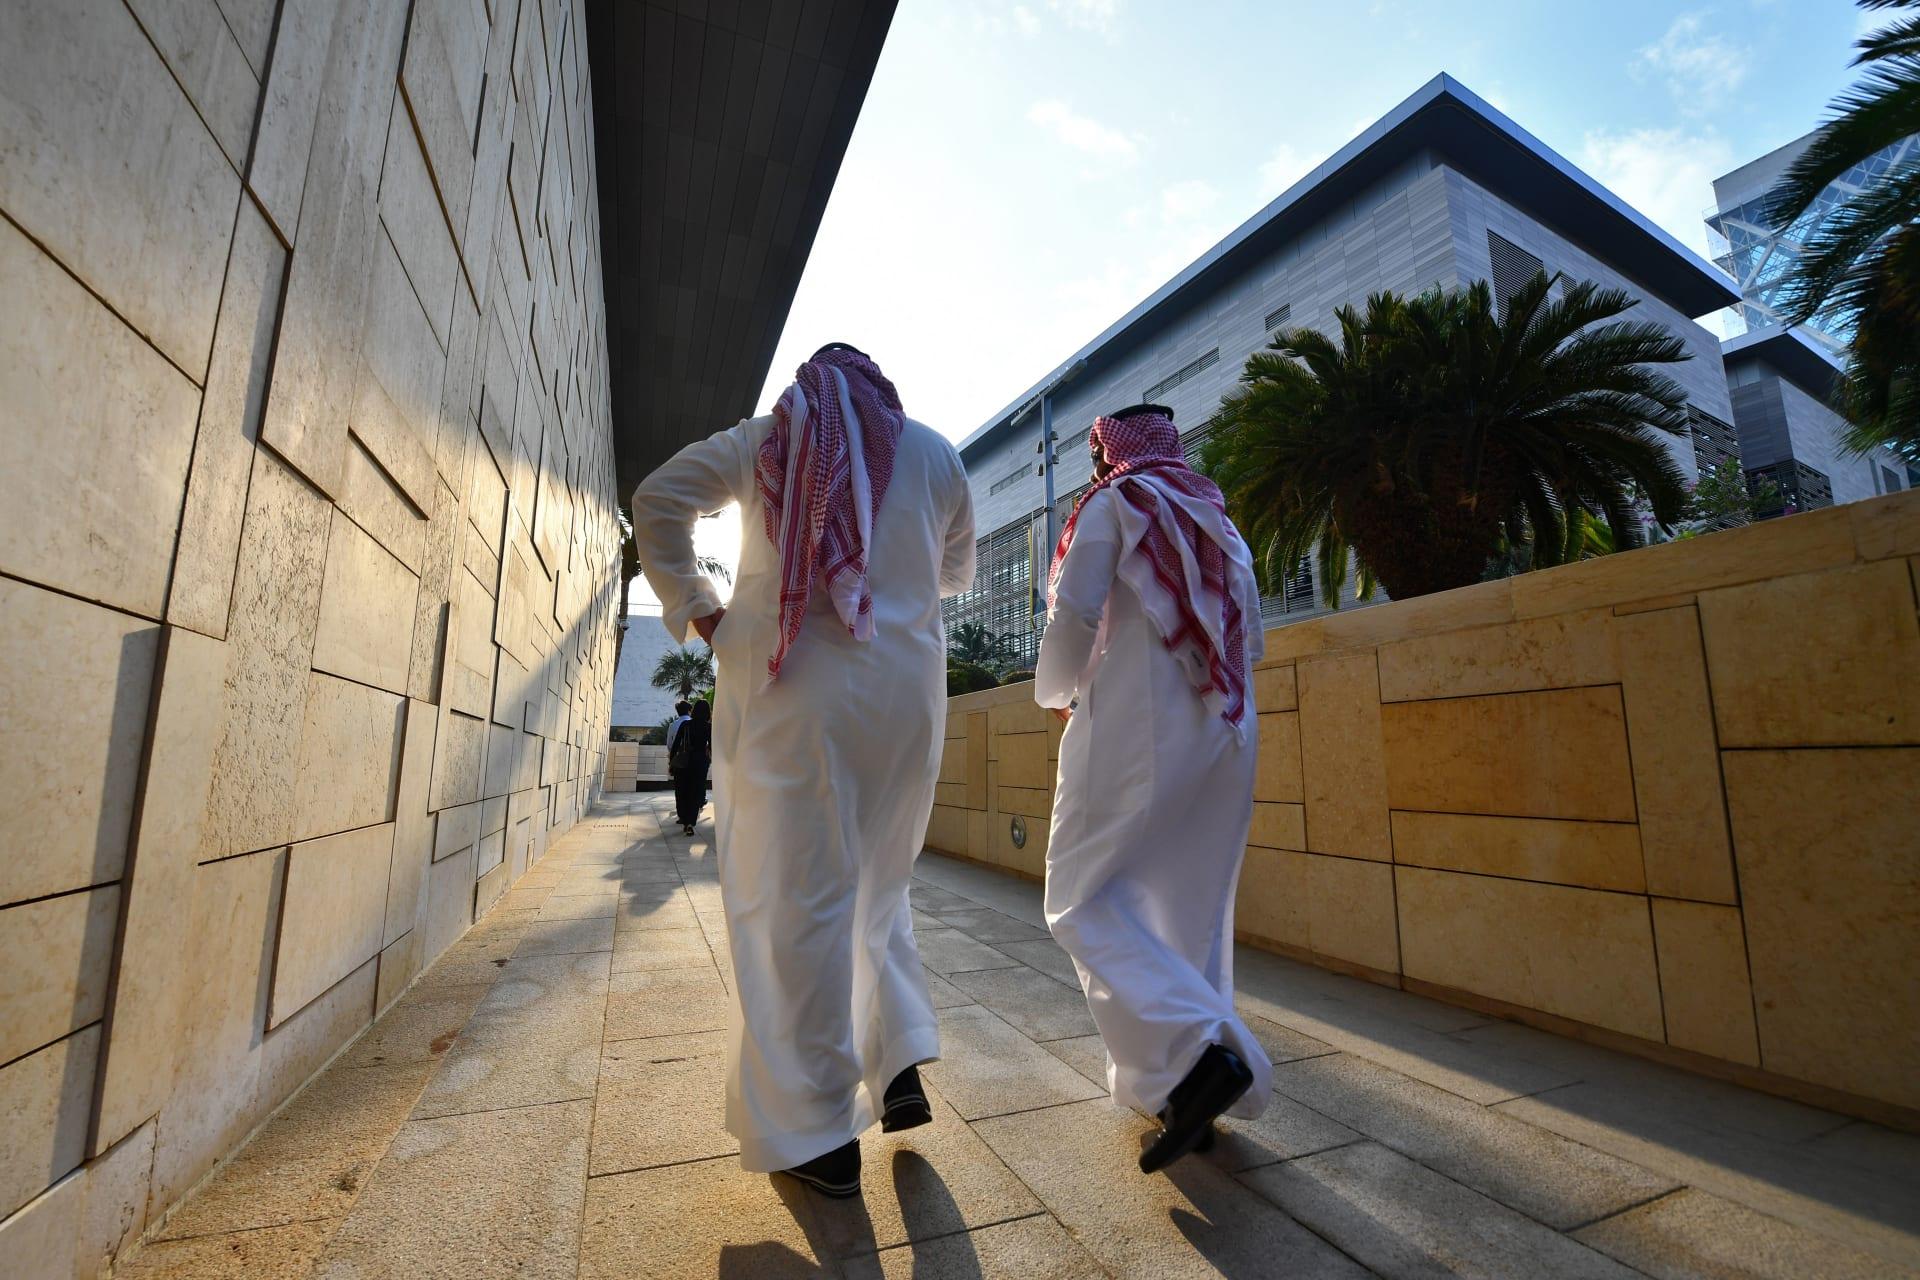 صورة أرشيفية (تعبيرية) لرجلين يسيران بحرم جامعة الملك عبدالله للعلوم والتكنولوجيا